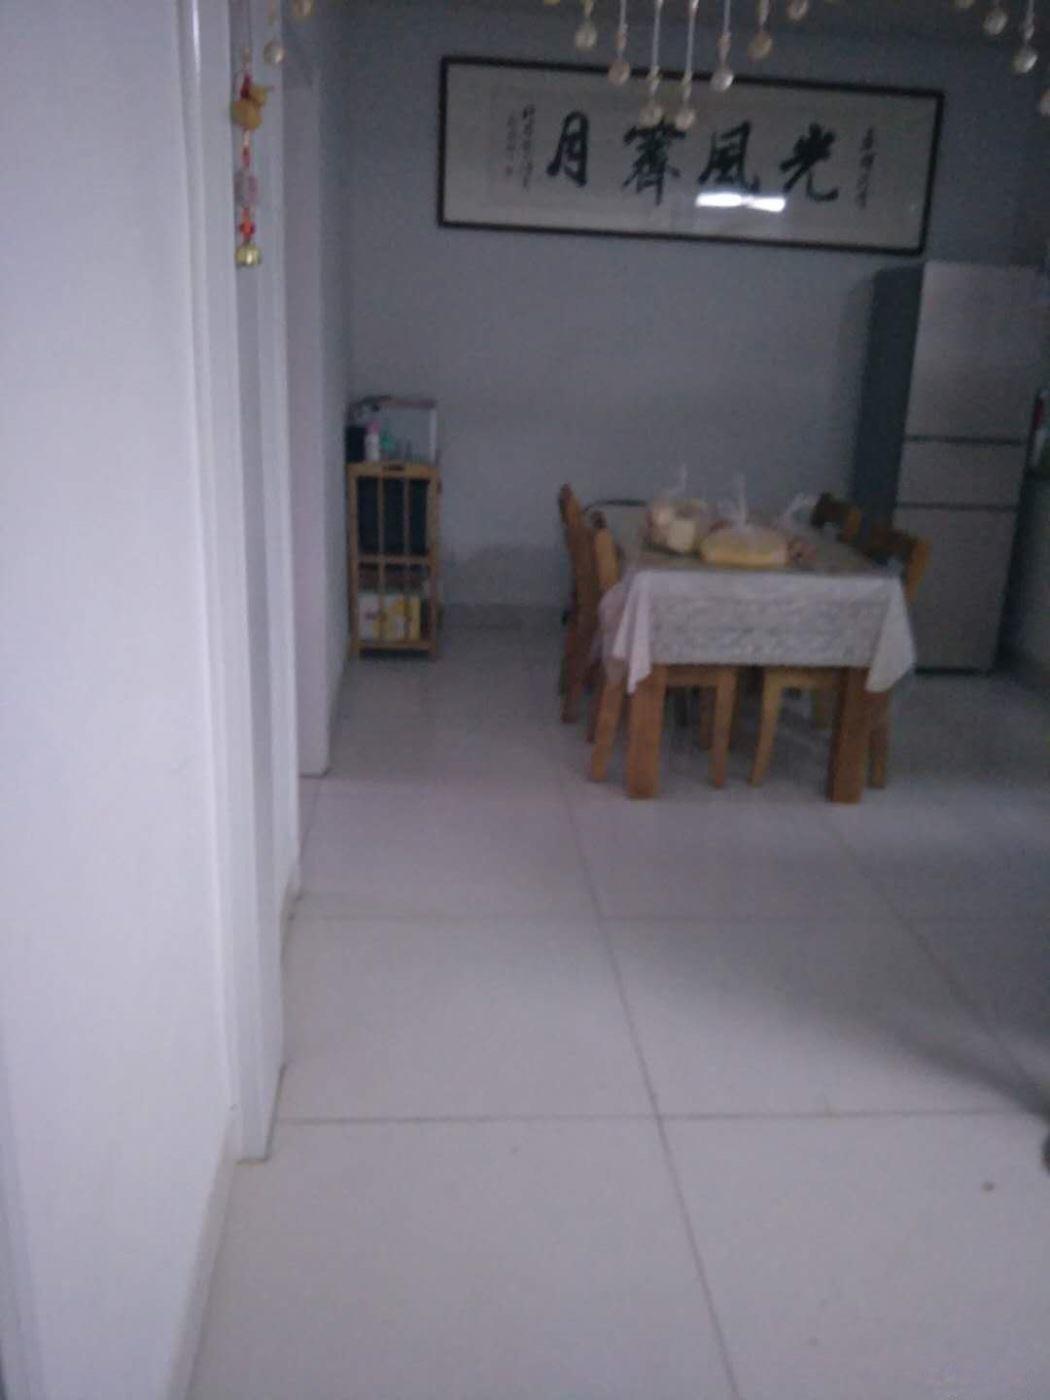 亨泰小曹 贵和花园 附近二实小实验中学 三楼 三室 双阳台